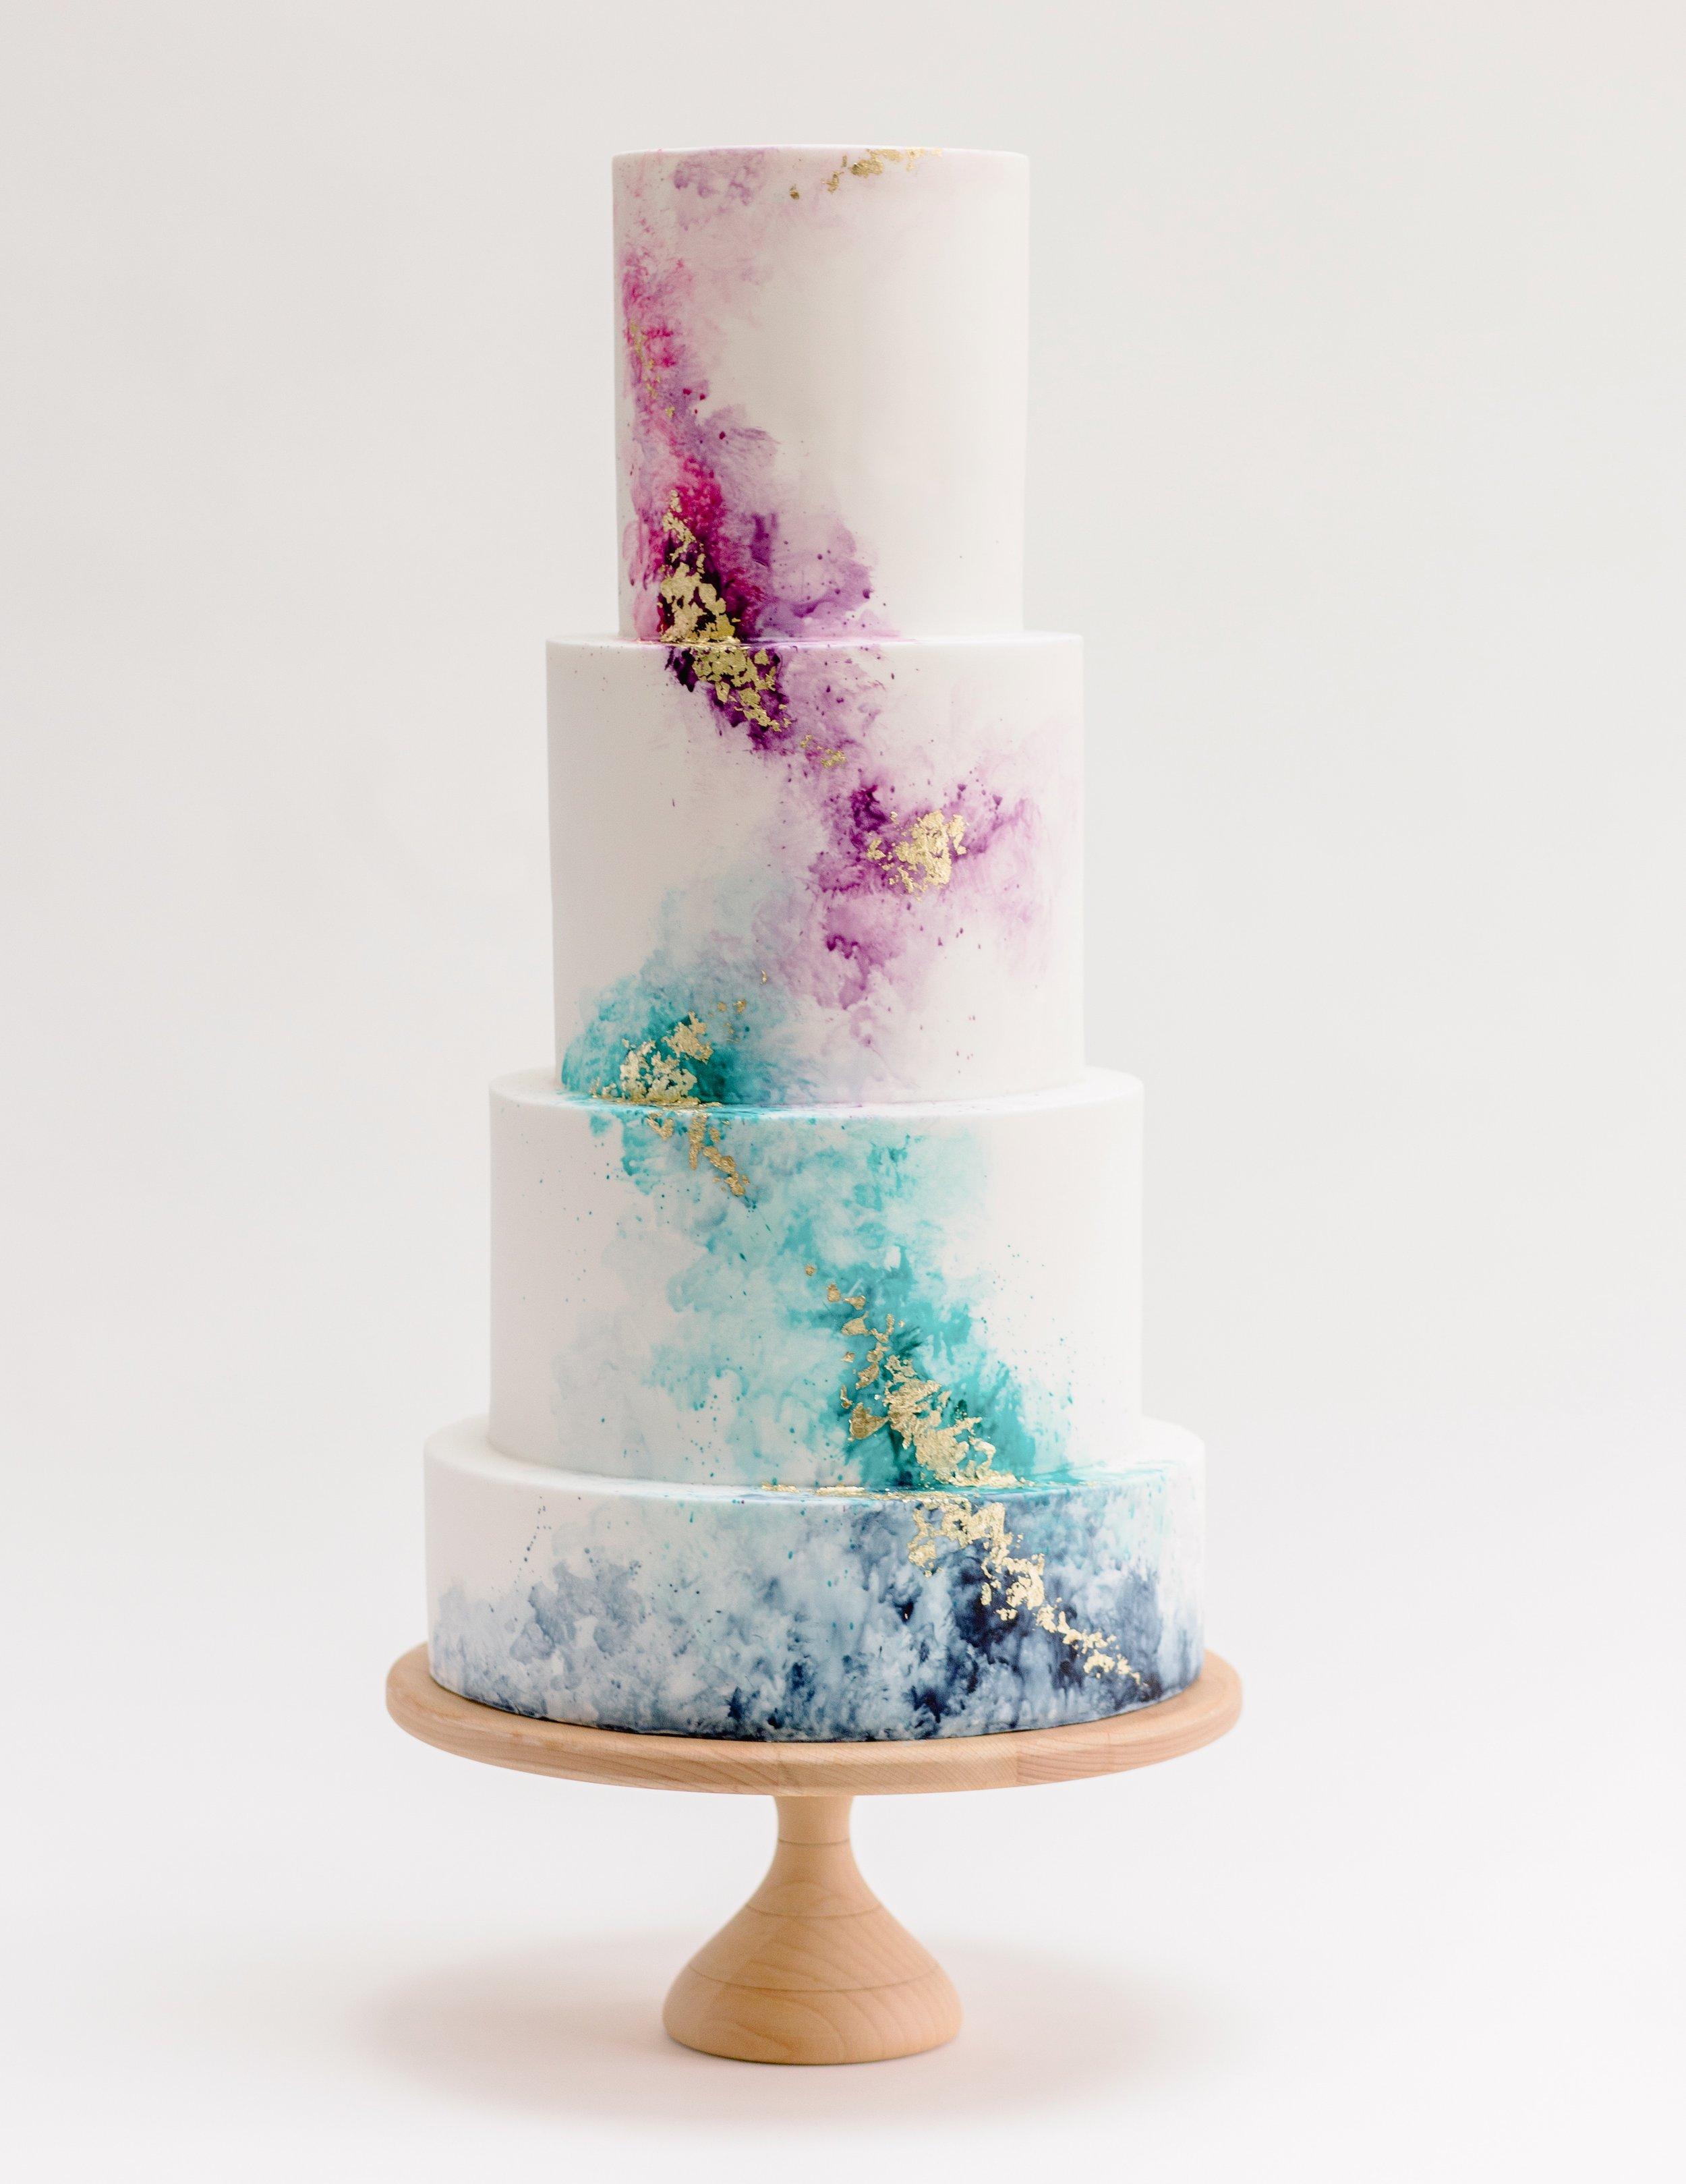 claire-graham-claire-owen-cakes-13 Crop 4500x3474.jpg